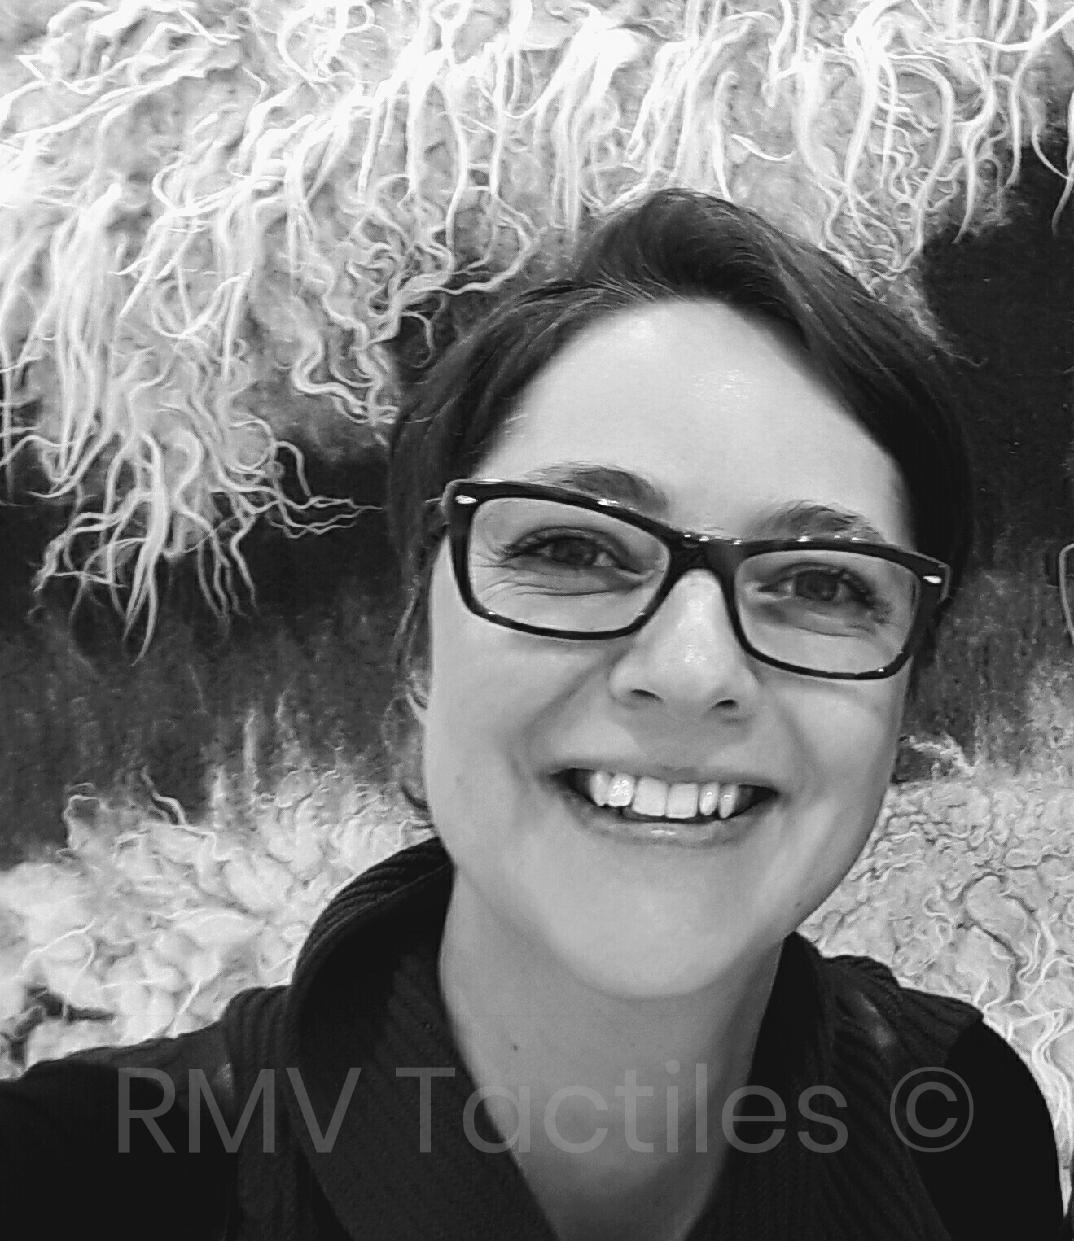 Renate Schiphorst van RMV Tactiles